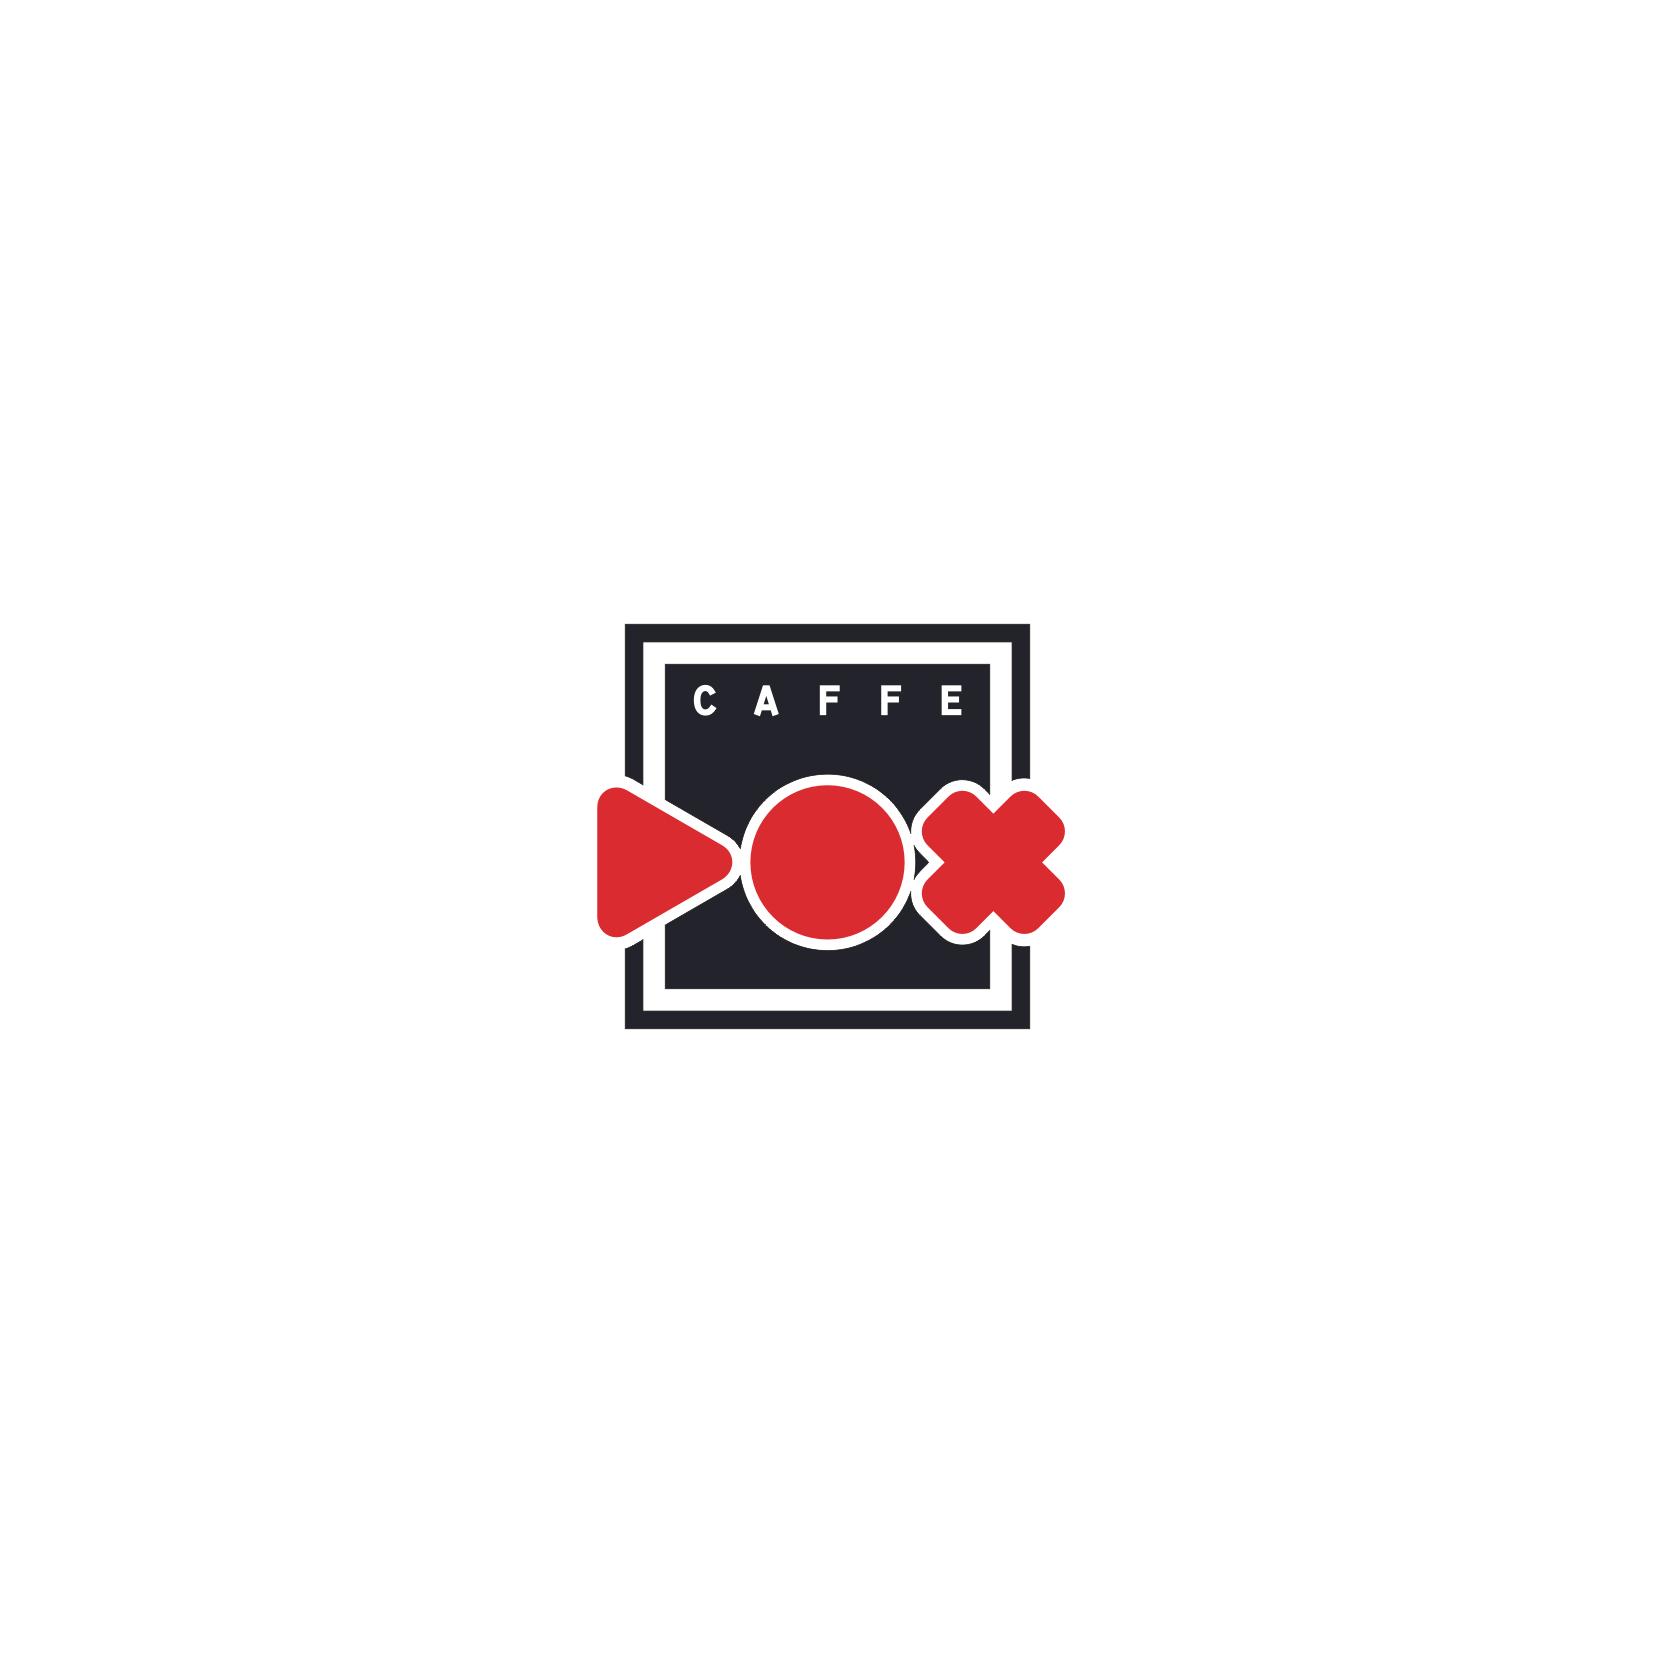 Требуется очень срочно разработать логотип кофейни! фото f_2925a11588242d72.png